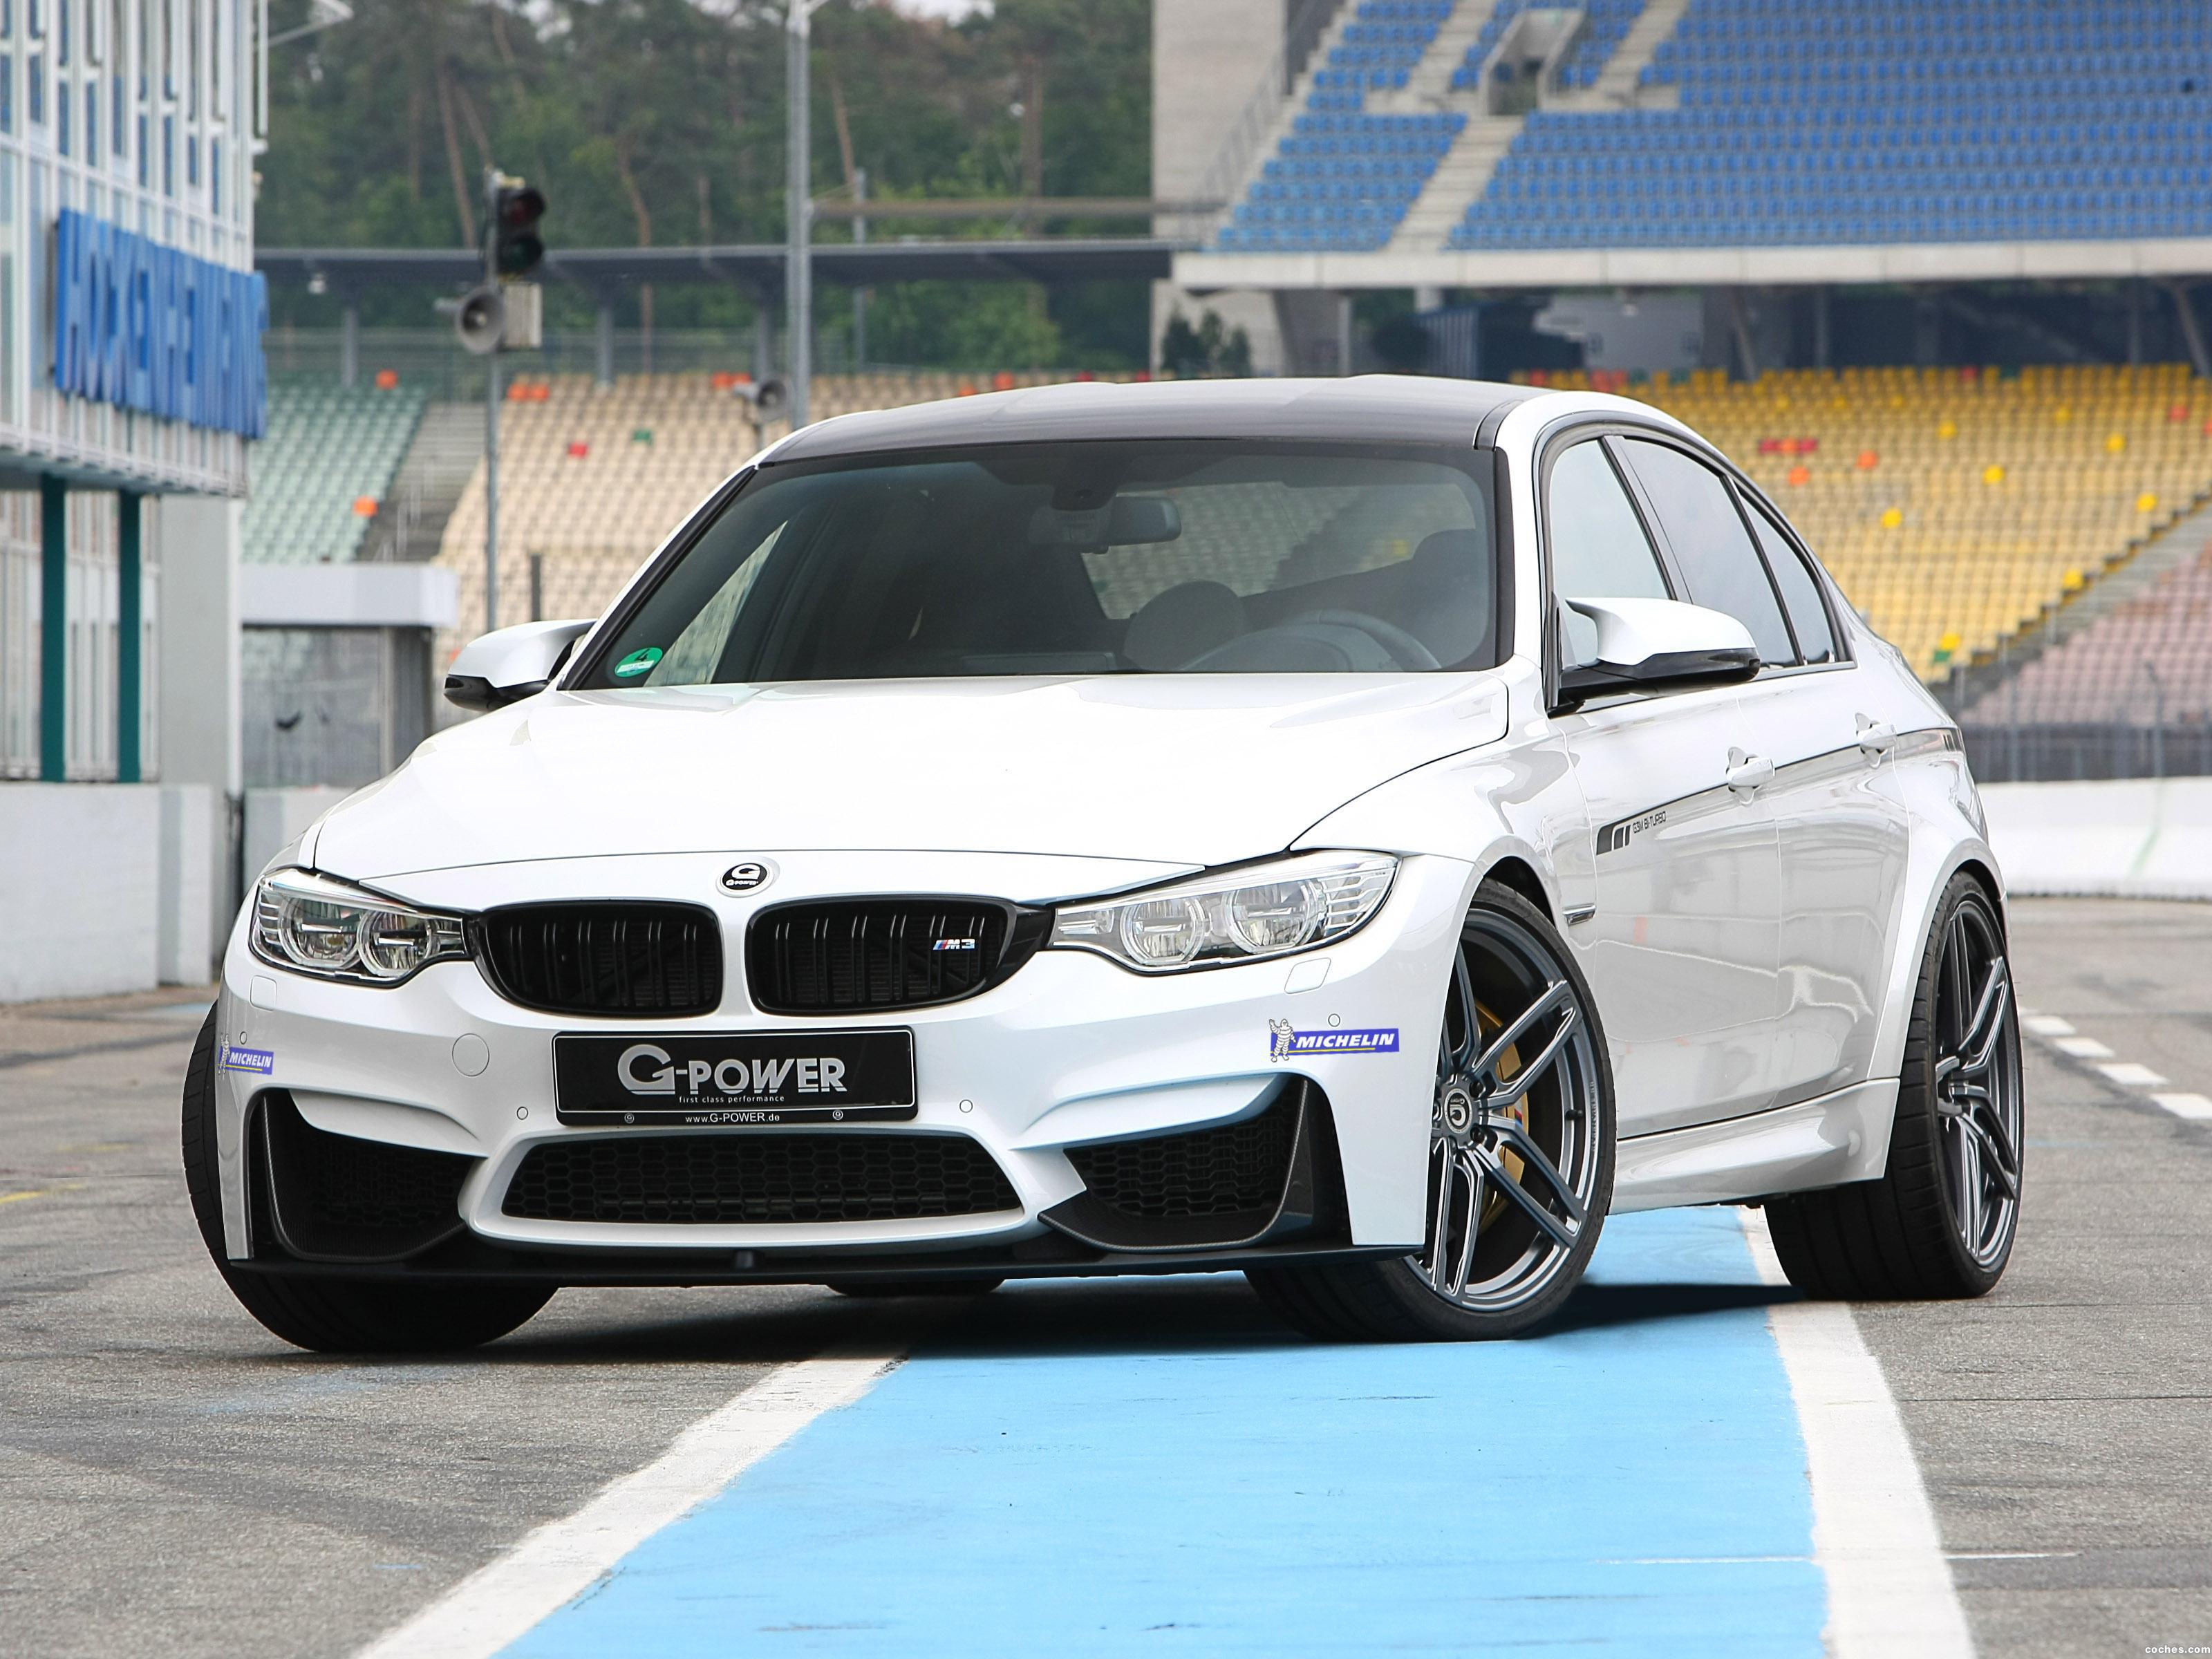 Foto 0 de G-power BMW M3 F30 2015